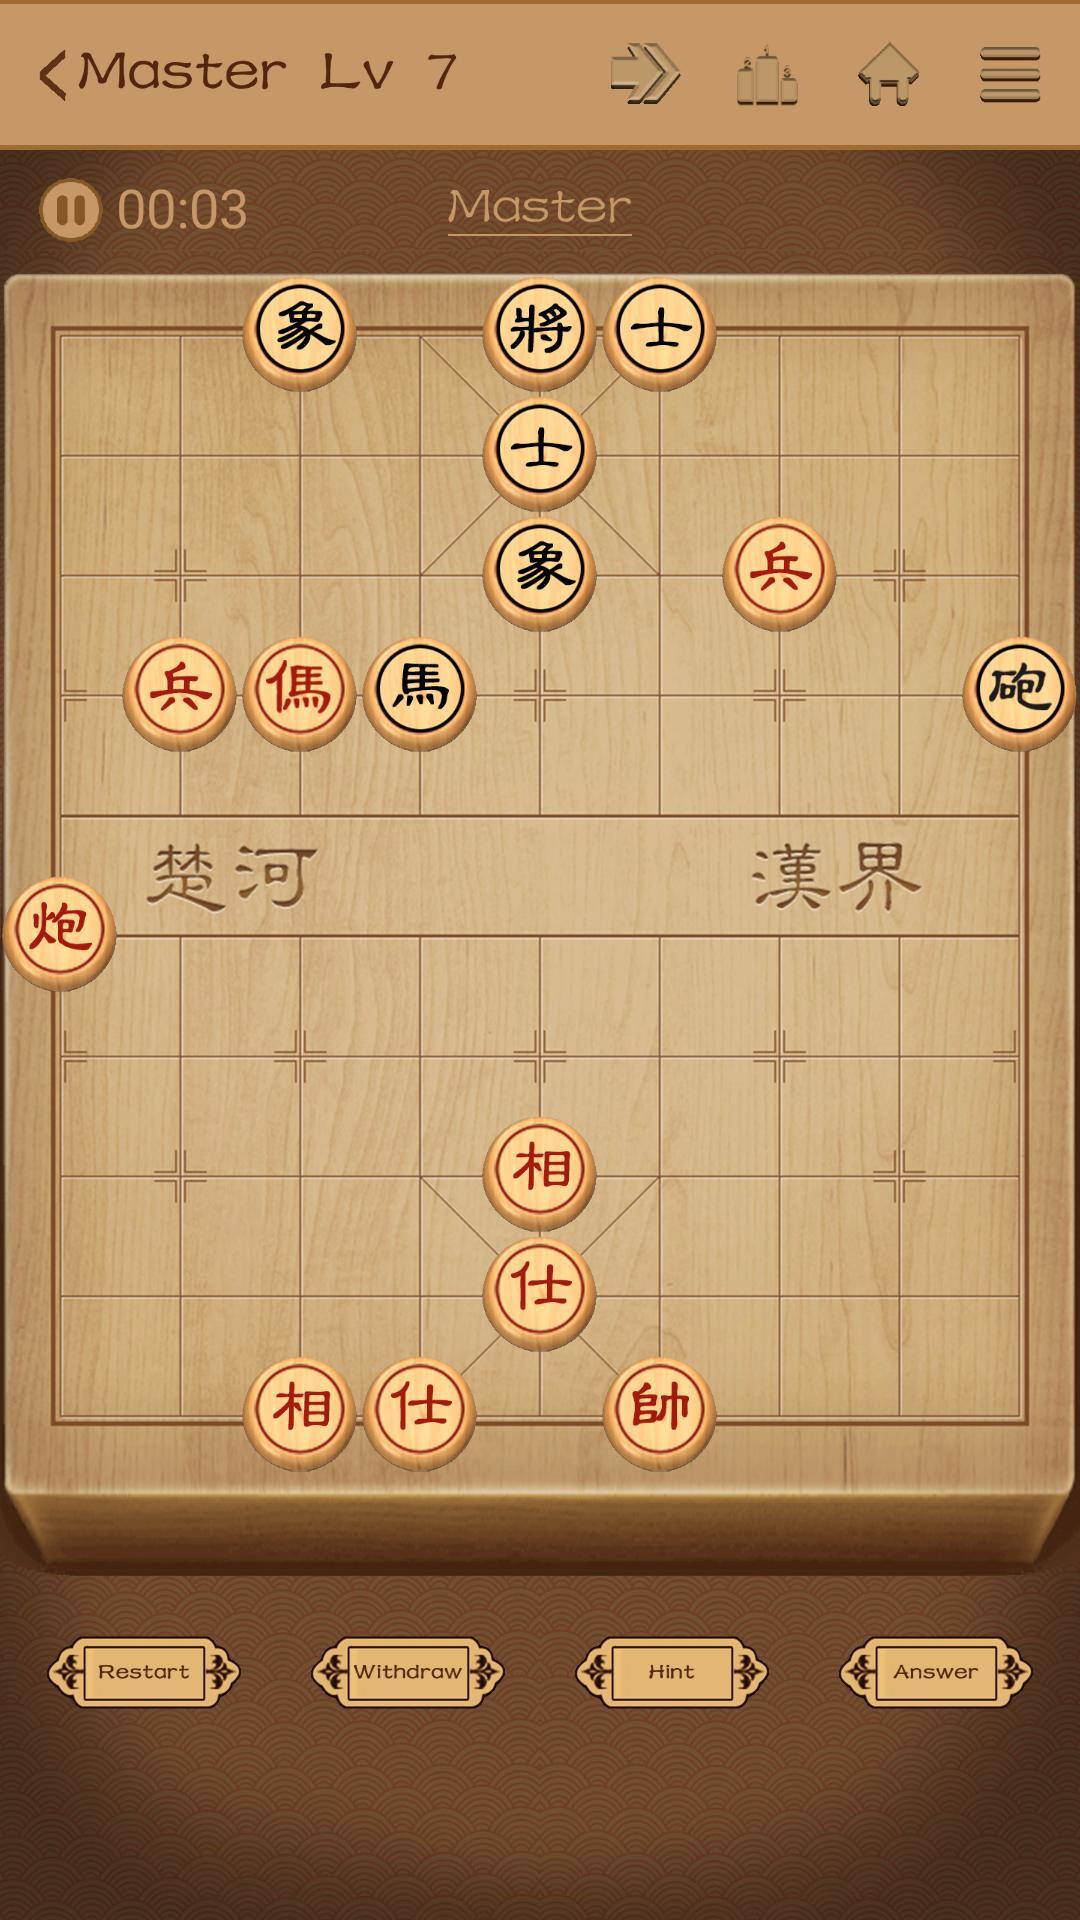 Chinese Chess from beginner to master 1.6.2 Screenshot 3